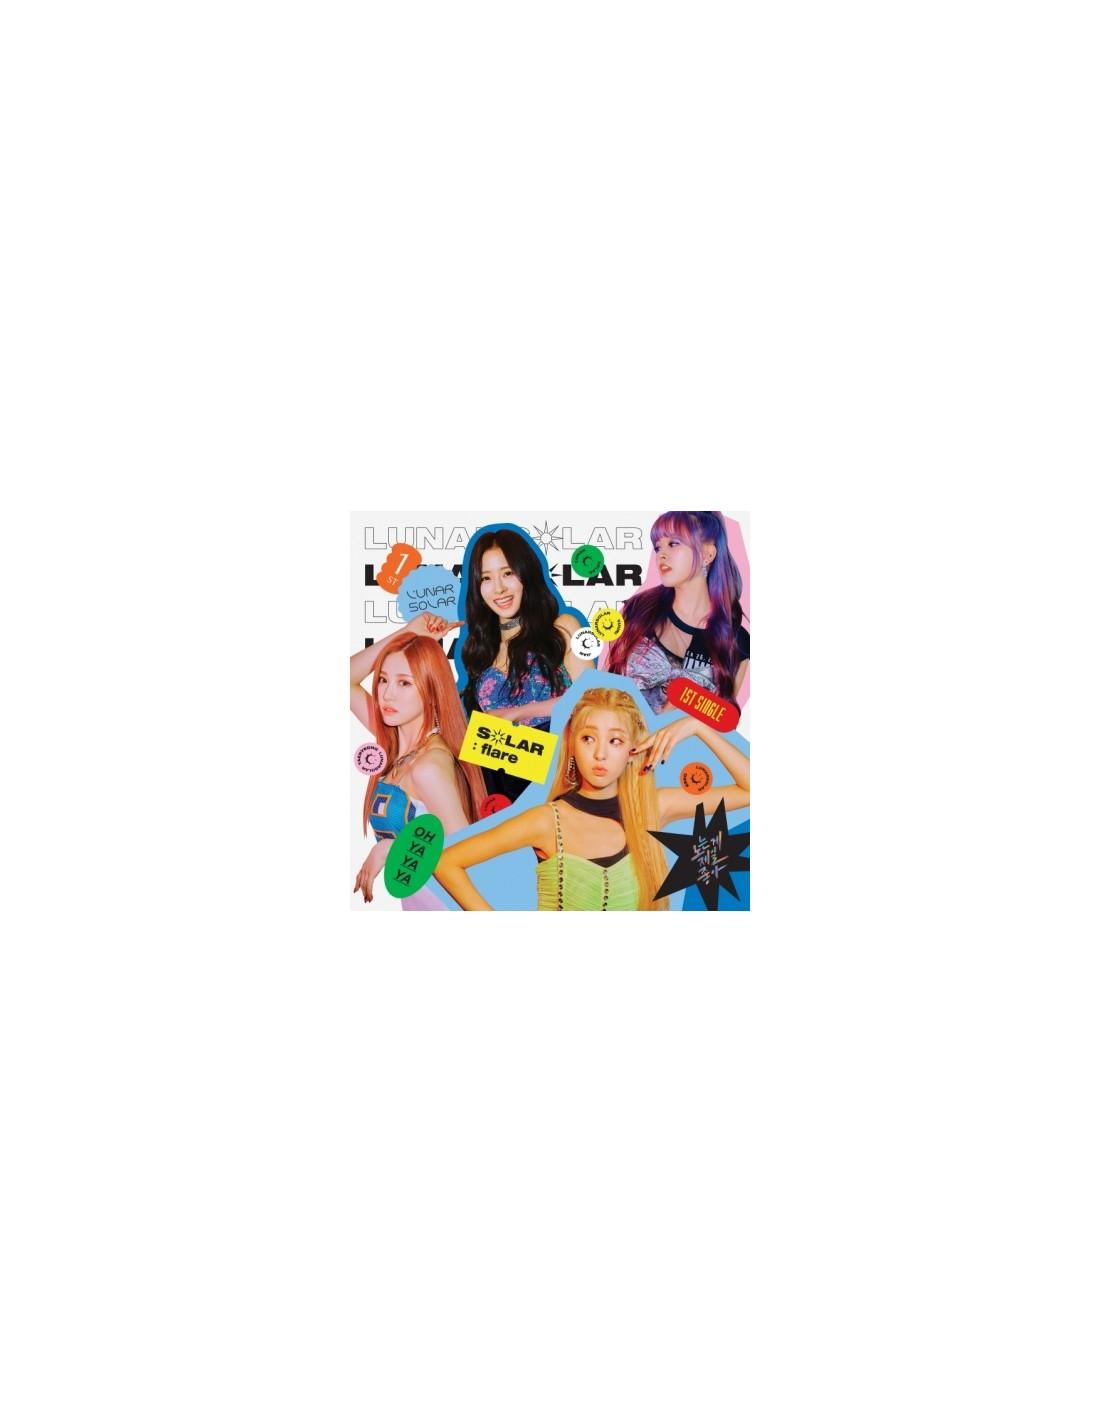 LUNARSOLAR 1st single Album - SOLAR : flare CD + Poster